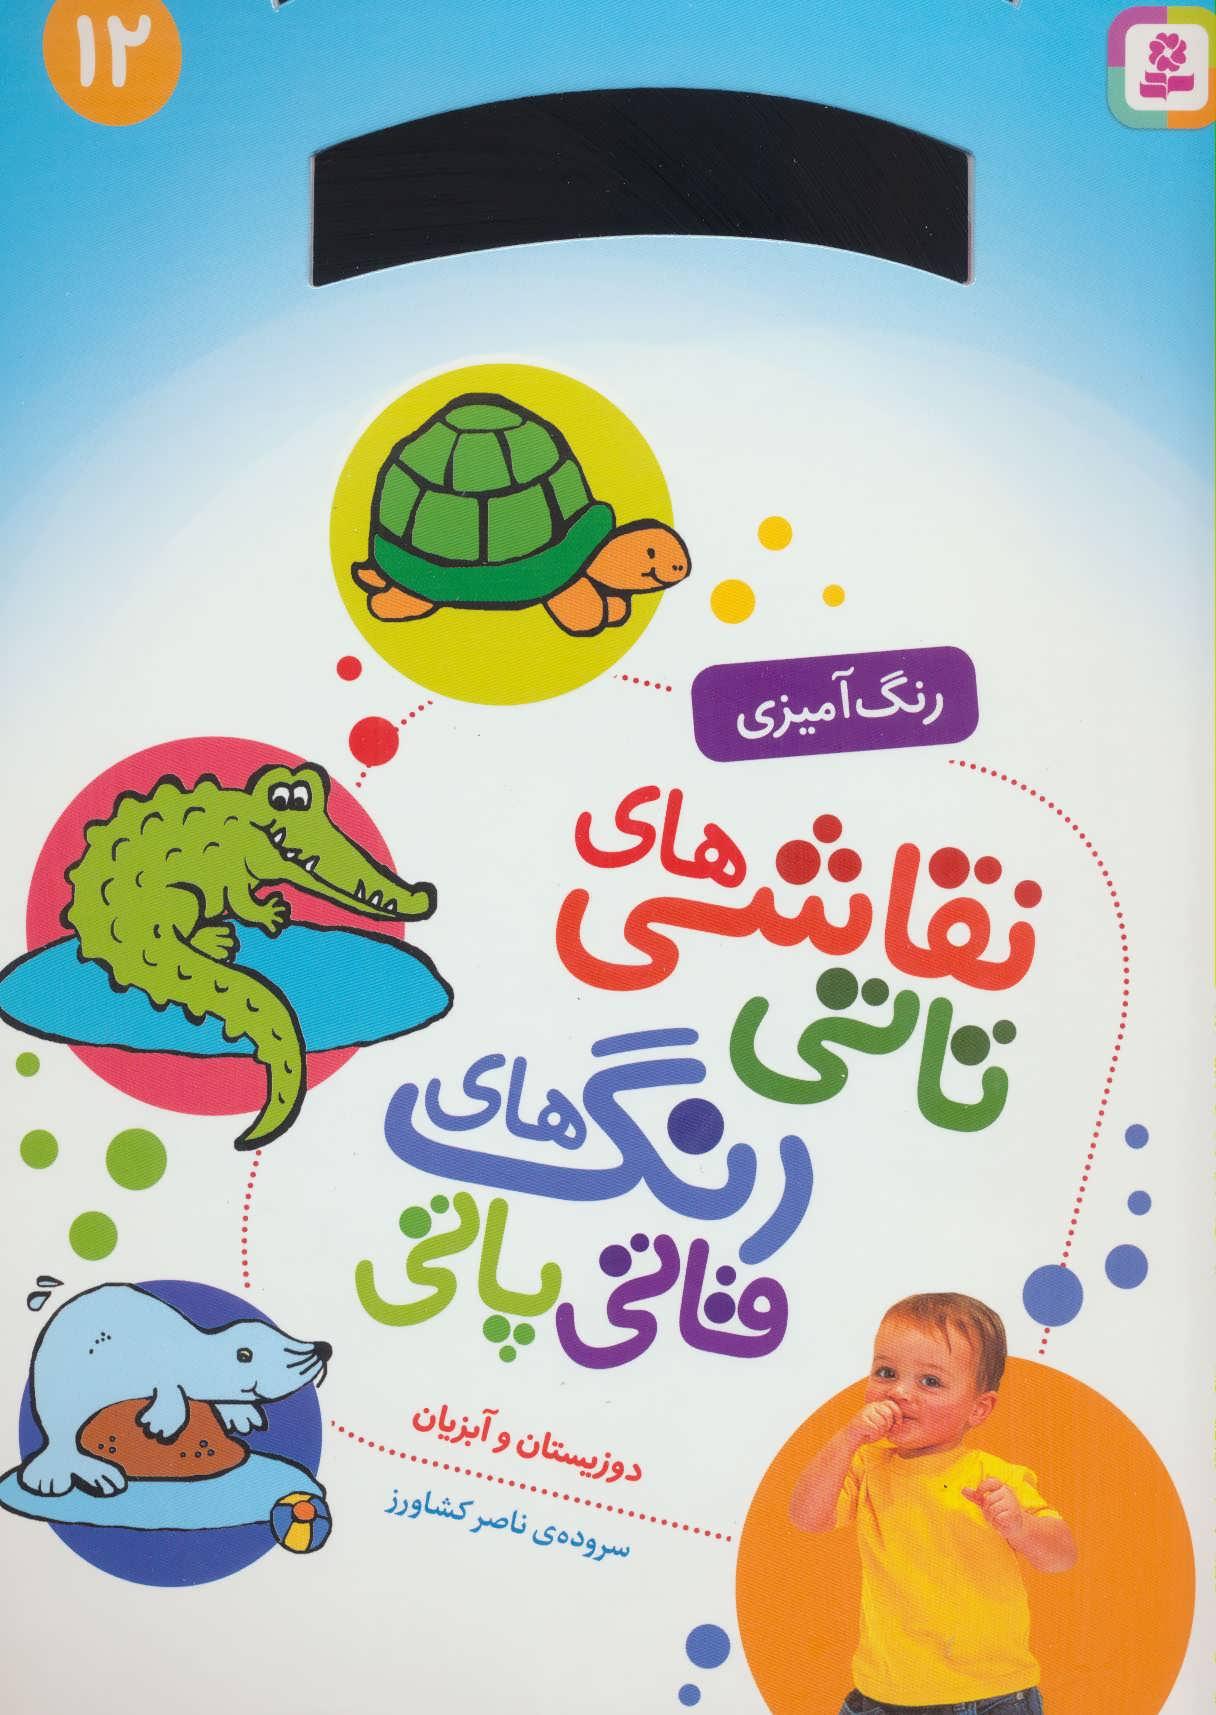 نقاشی های تاتی رنگ های قاتی پاتی12 (دوزیستان و آبزیان)